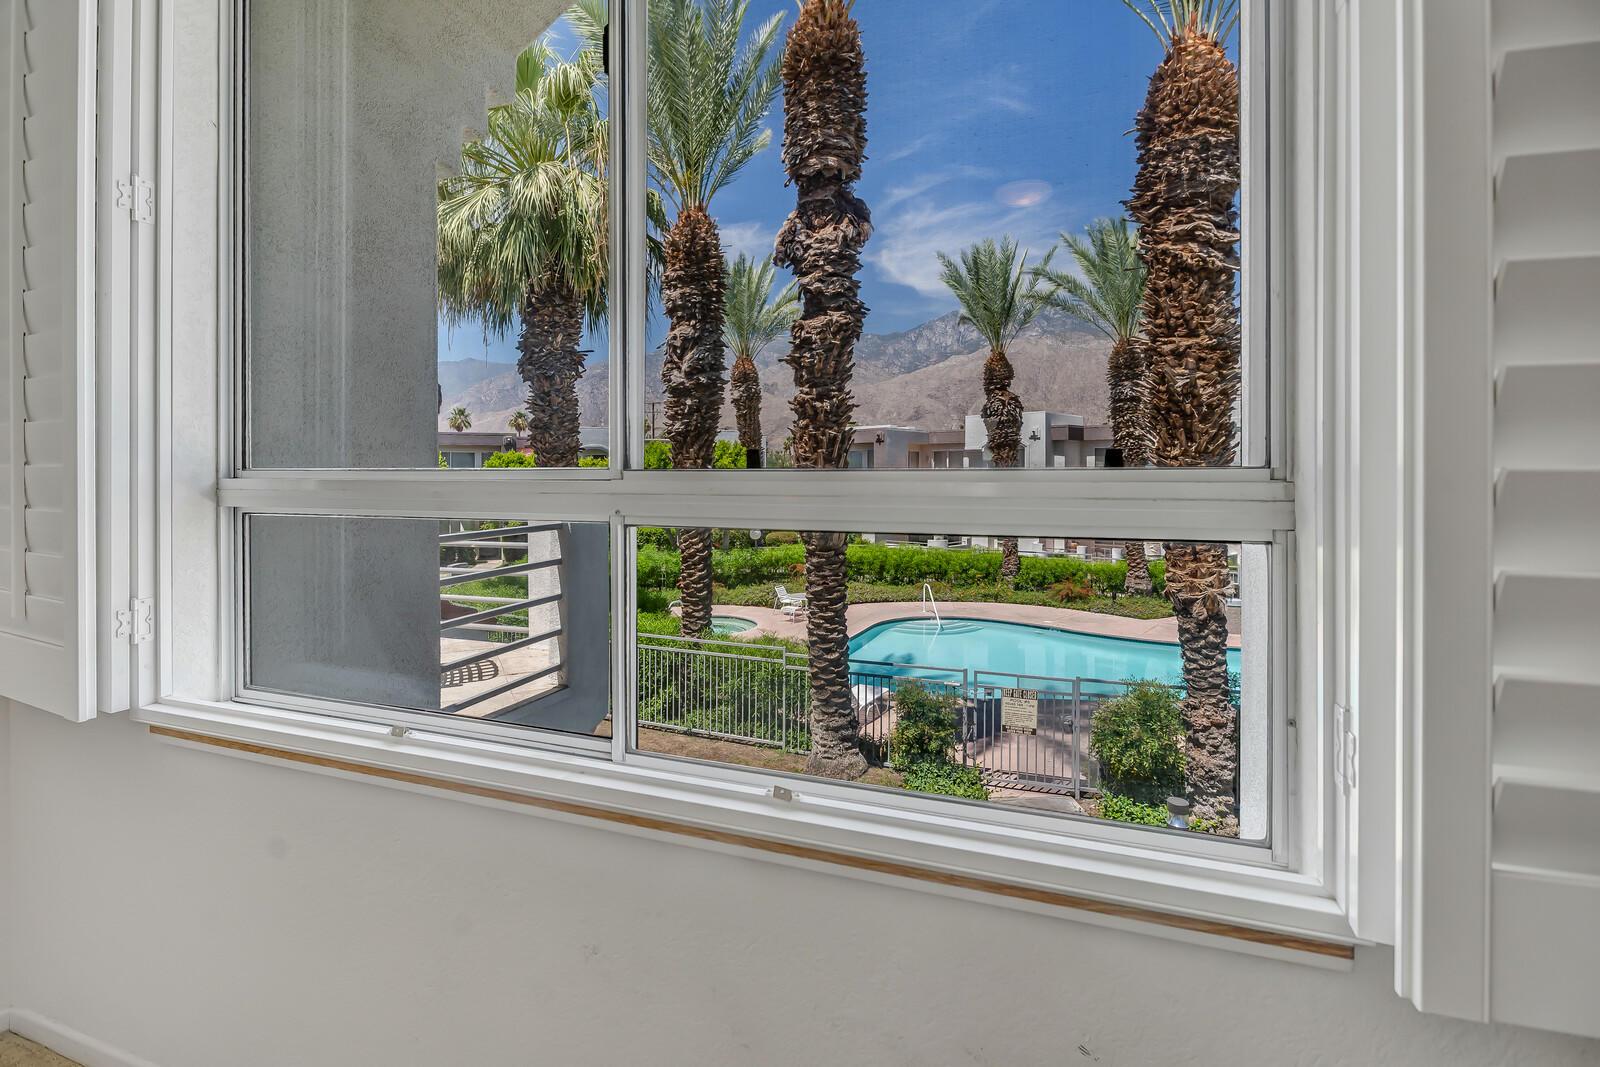 401 S El Cielo Road, Palm Springs, California 92262, 2 Bedrooms Bedrooms, ,2 BathroomsBathrooms,Residential,For Sale,401 S El Cielo Road,219045550